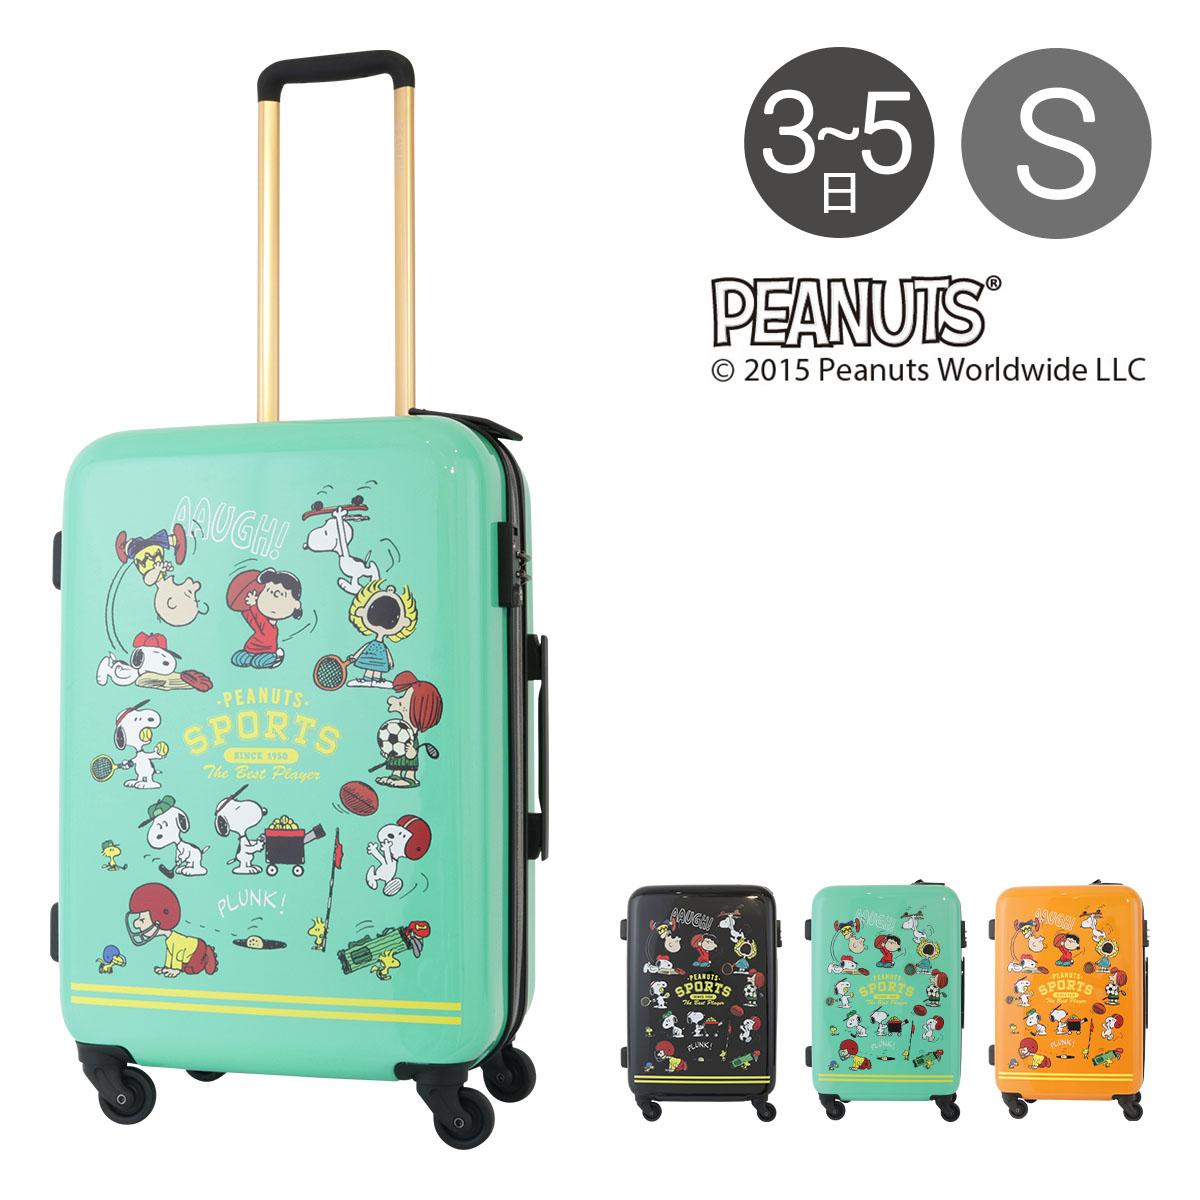 ピーナッツ スーツケース 当社限定 かわいい|49L 56cm 3.5kg PN-019|拡張 ハード ファスナー|PEANUTS 静音|TSAロック搭載|HINOMOTO|キャラクターキャリーバッグ キャリーケース[PO10][bef][即日発送]